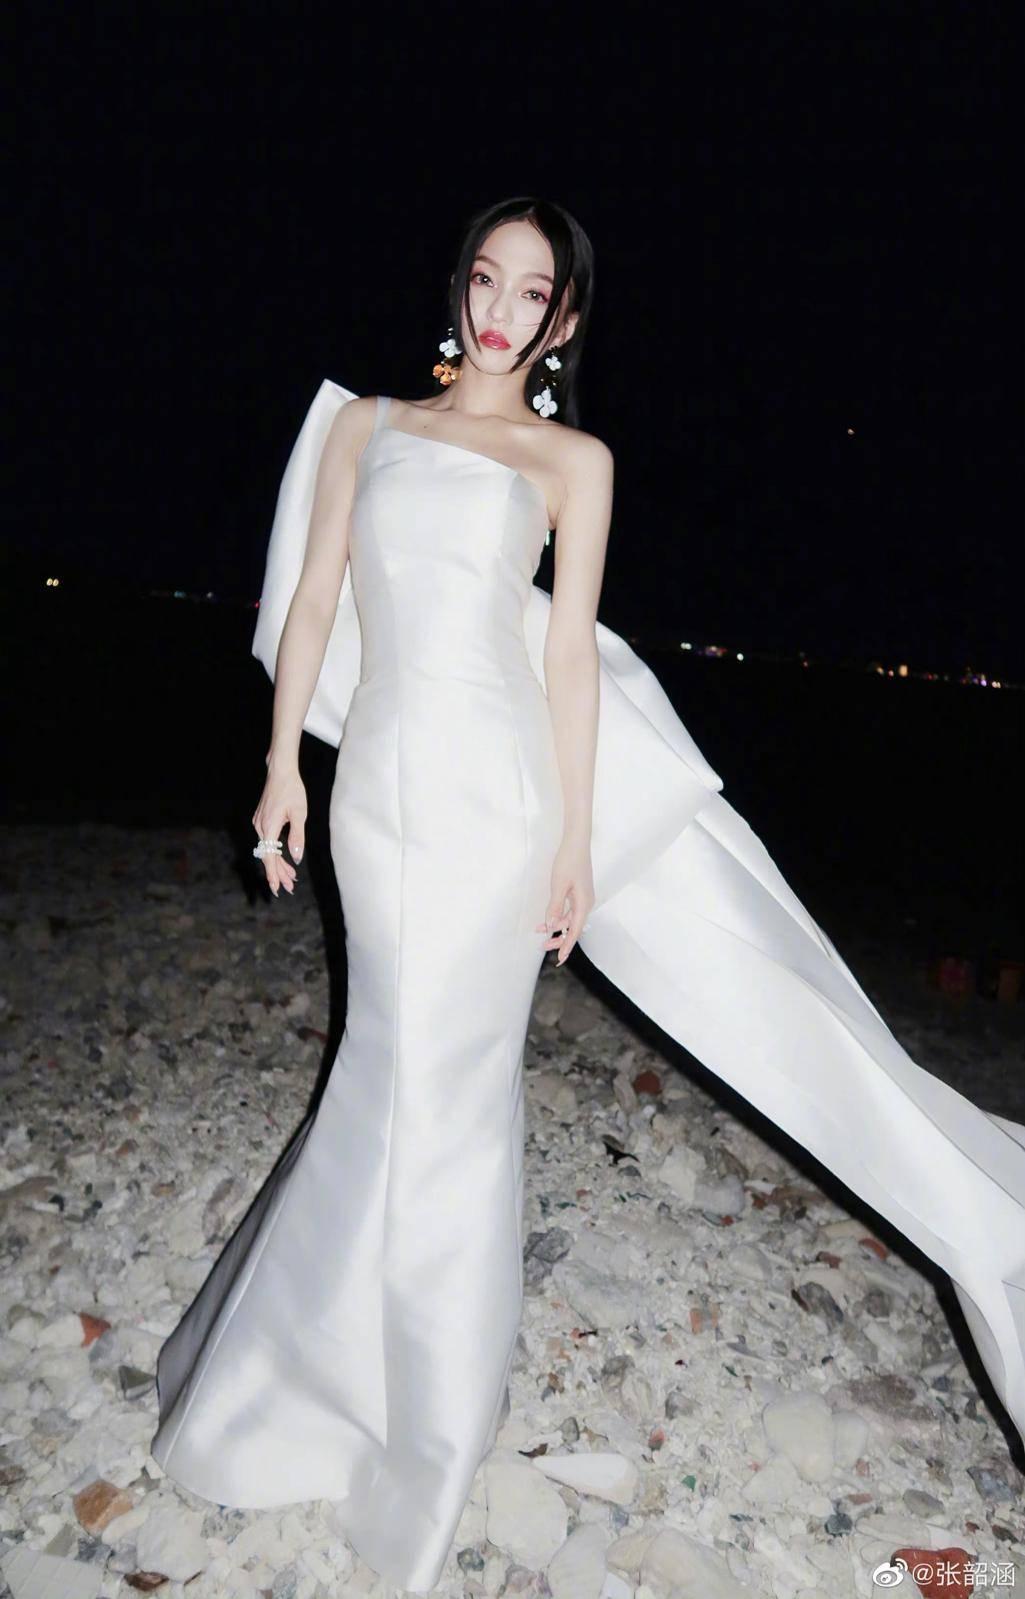 张韶涵高开叉长裙造型,配过膝长靴气场超A,性感迷人不间断